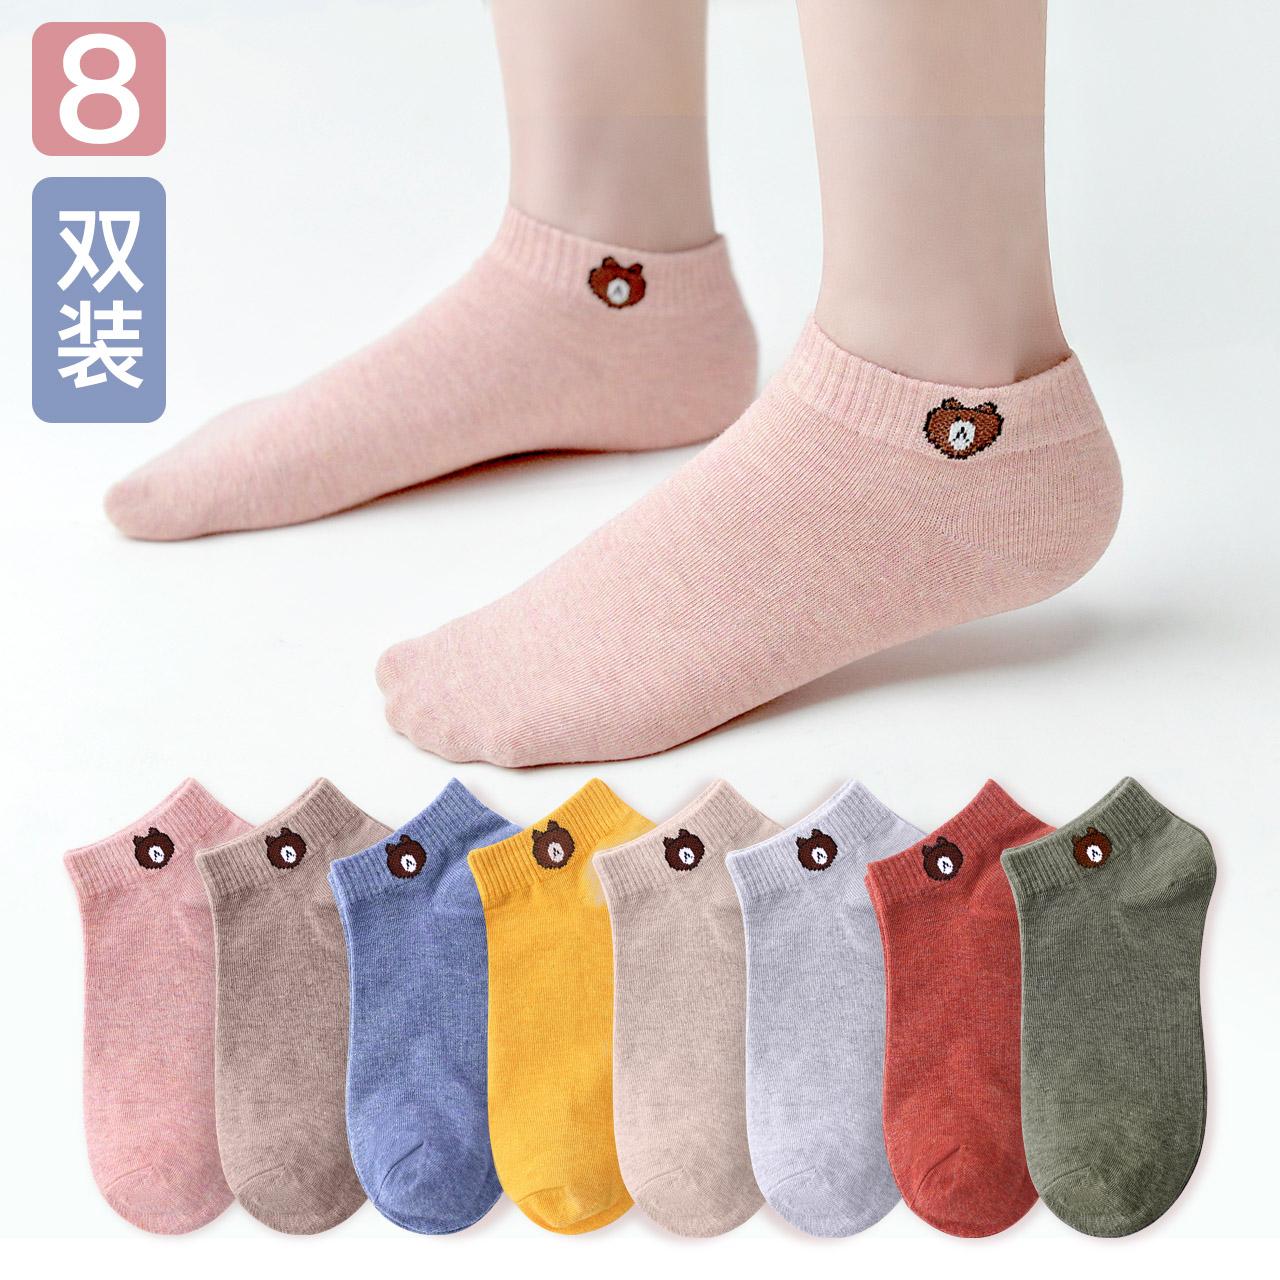 袜子女浅口短袜薄款韩国可爱日系船袜棉袜春夏季低帮女士棉袜隐形